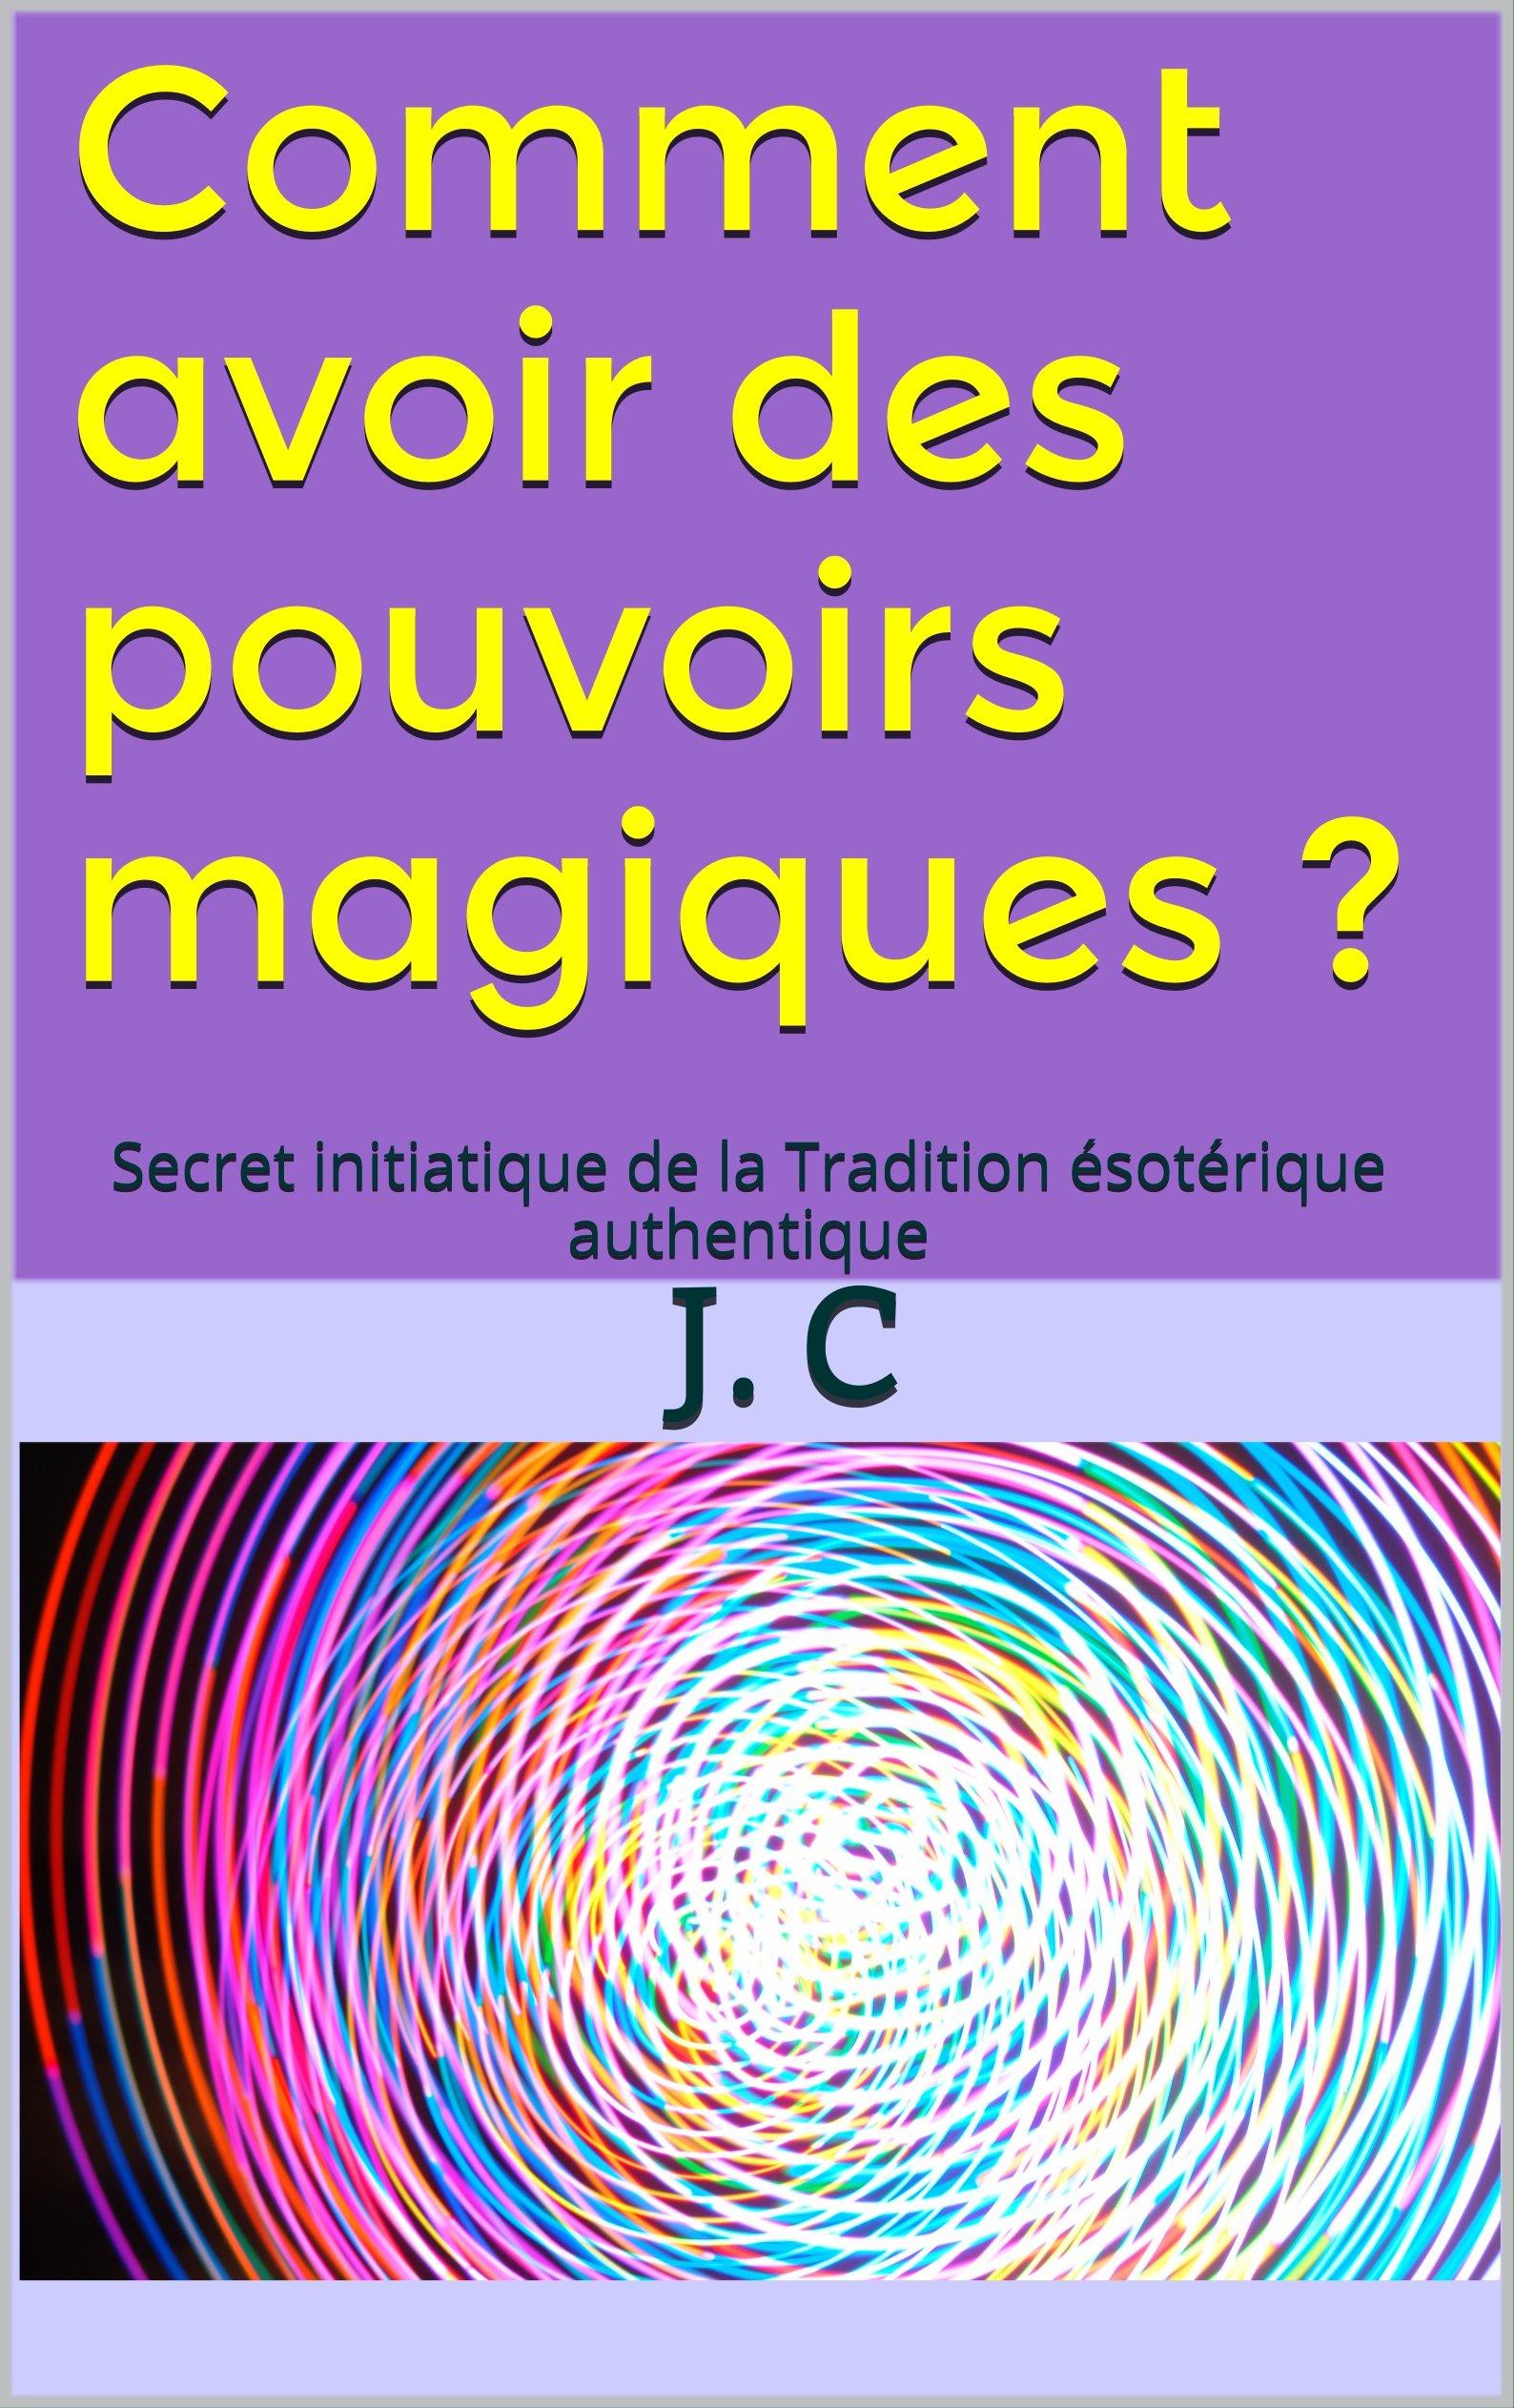 Comment avoir des pouvoirs magiques ?: Secret initiatique de la Tradition ésotérique authentique por J. C